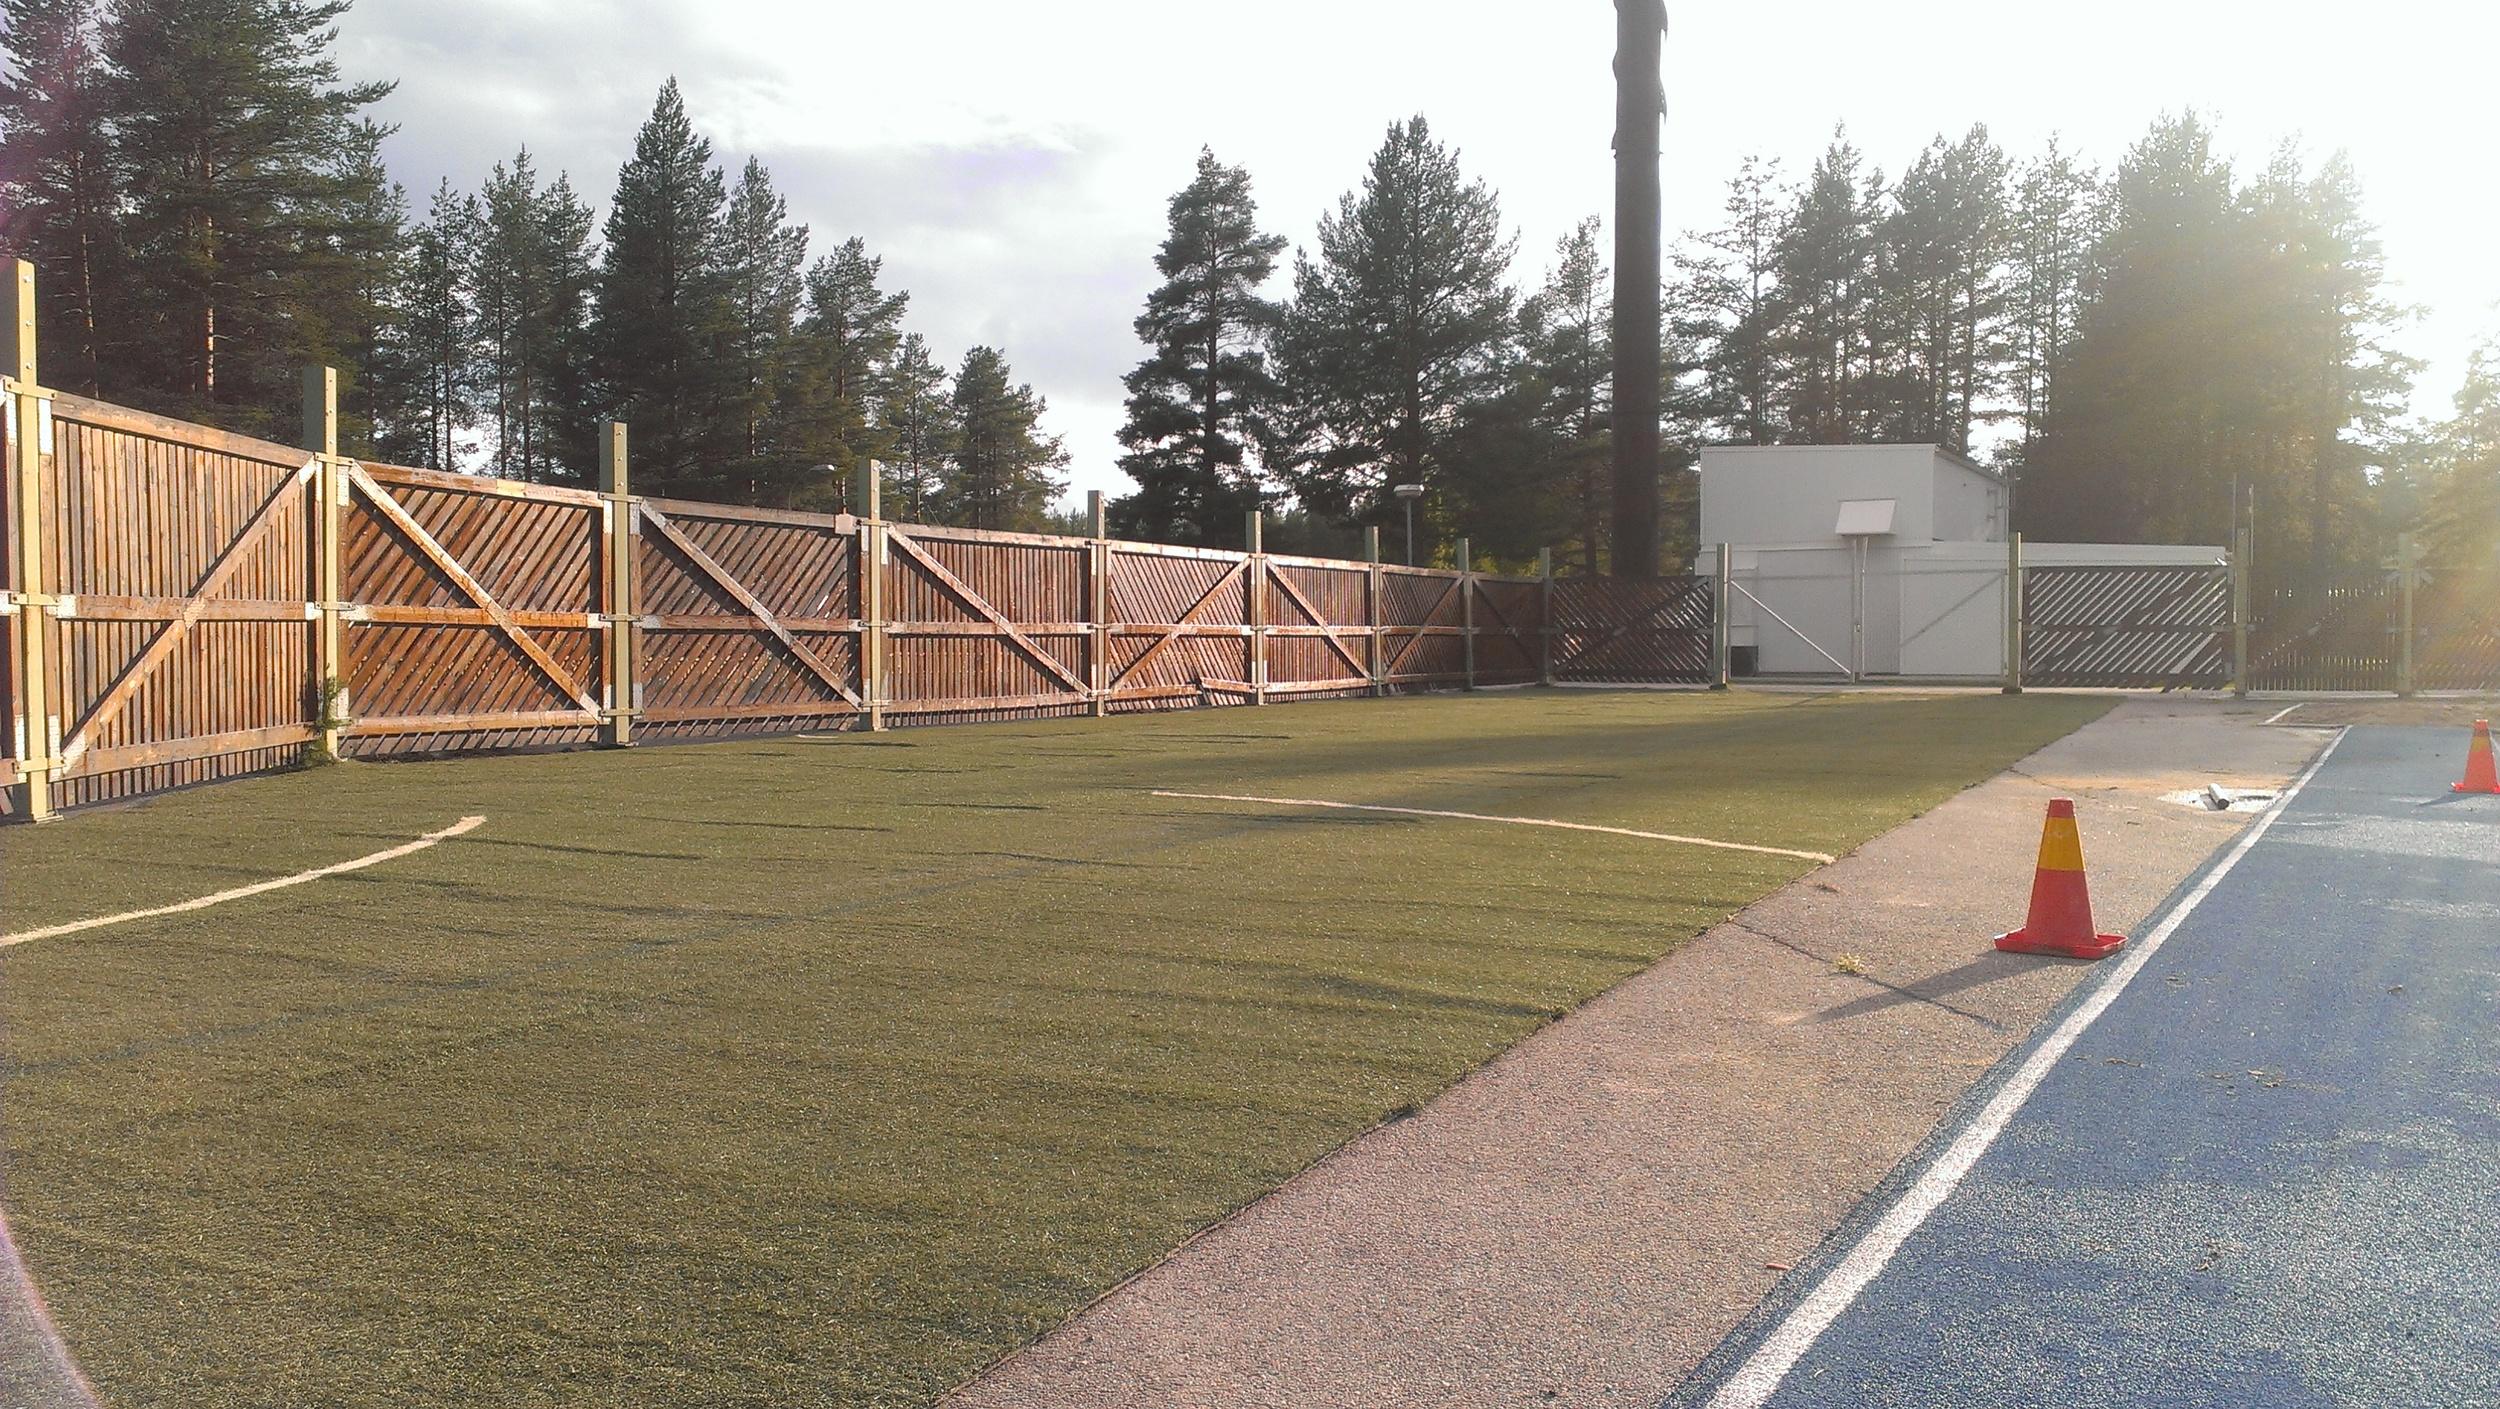 Konstgräsyta för uppvärmning med skottramp för ishockey.